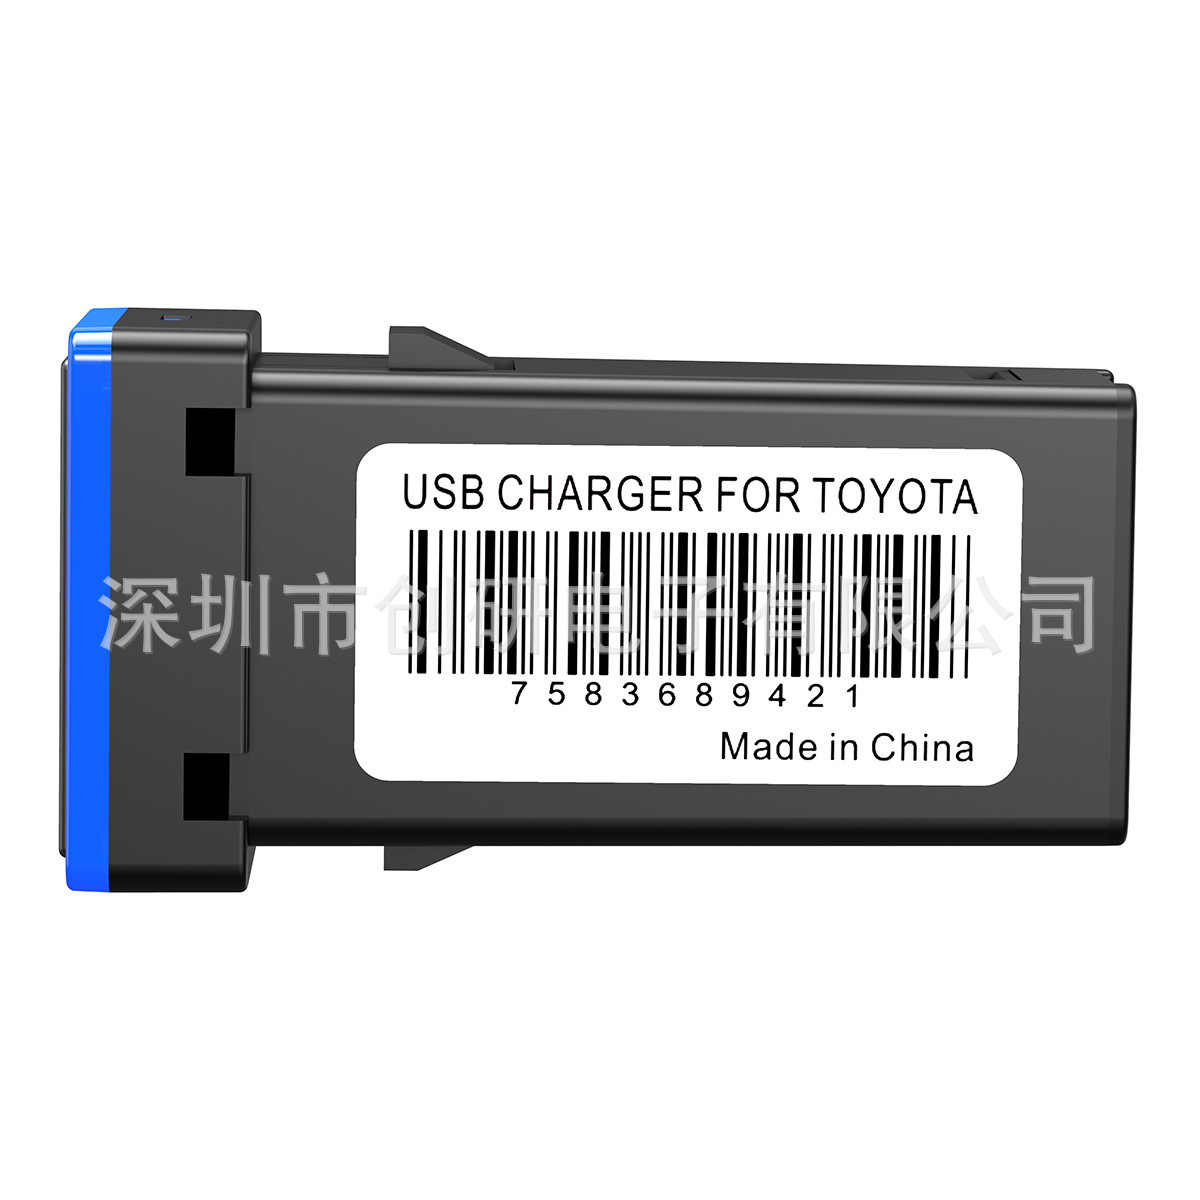 כפול USB אווירה אור שקע רכב נייד טלפון טעינה שונה אביזרי קורולה רייז פראדו